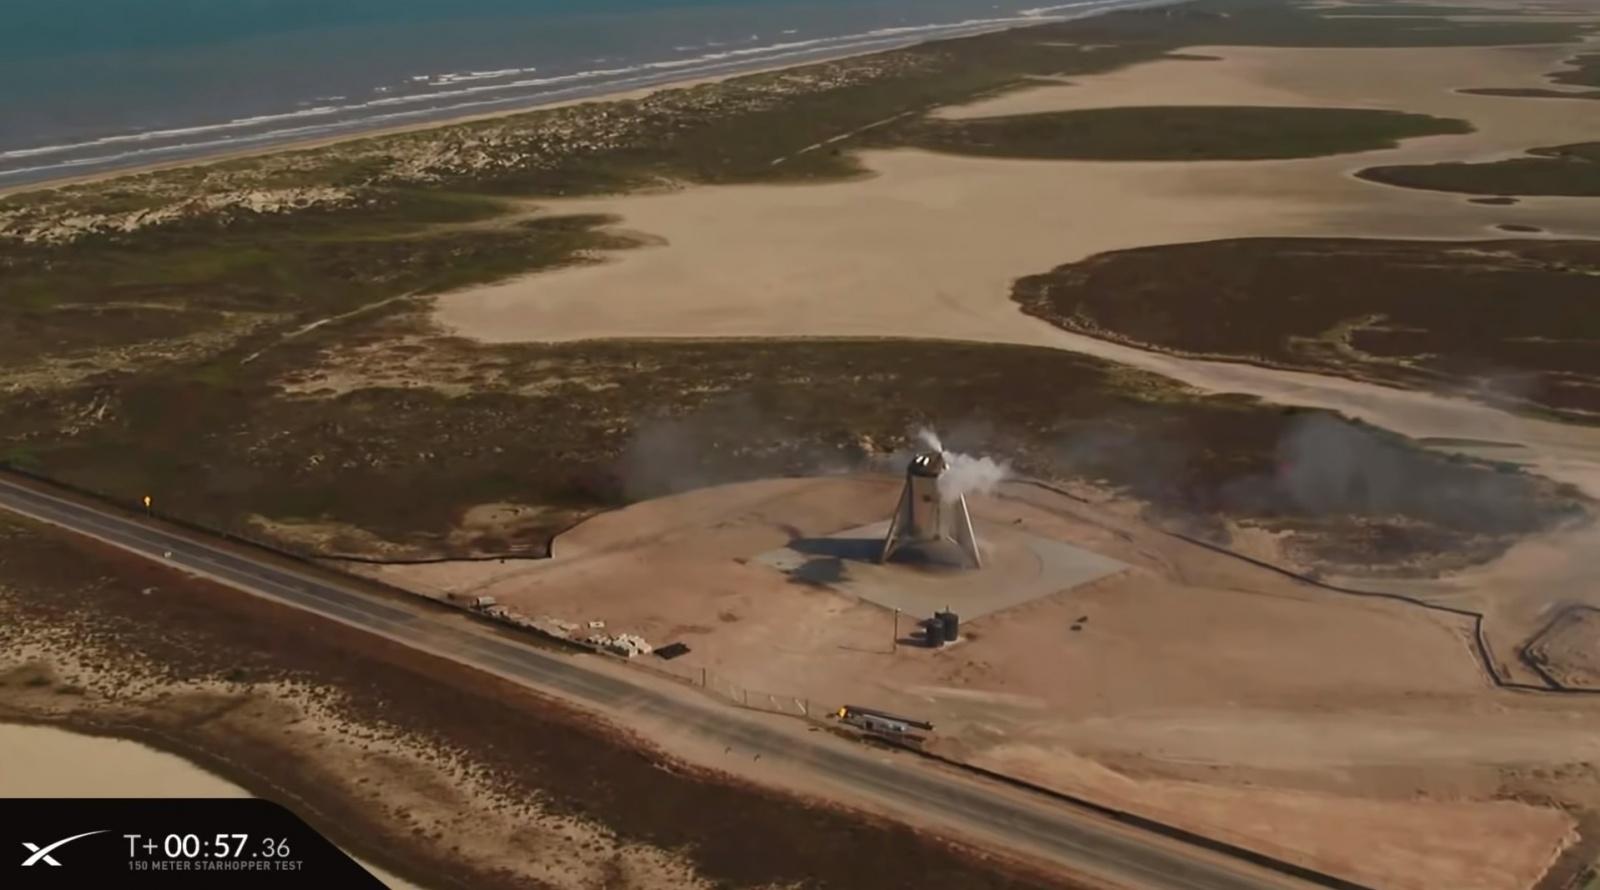 SpaceX провела летные испытания прототипа ракеты Starship — взлет на высоту 150 метров и мягкая посадка на площадку - 11